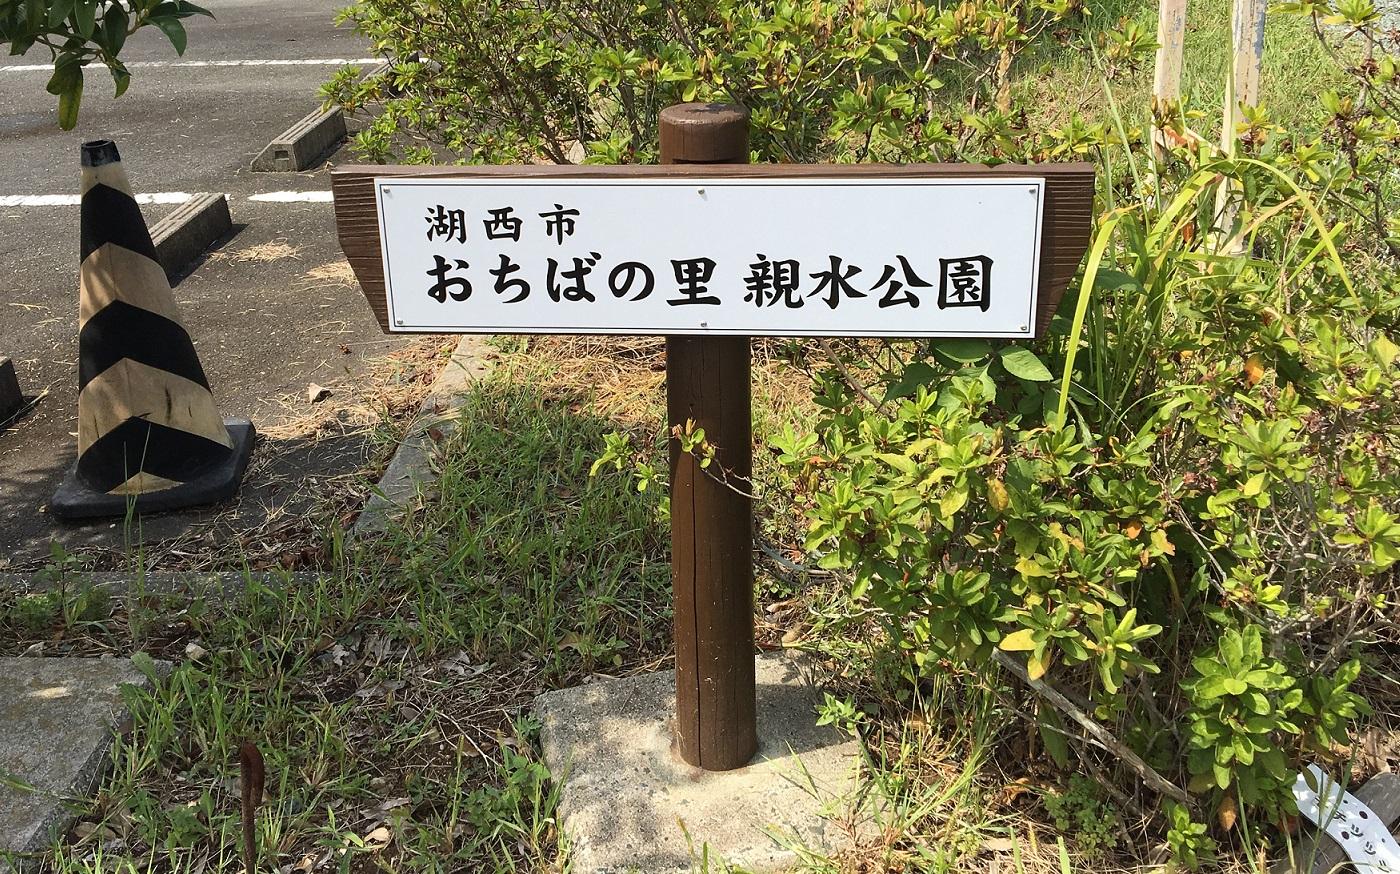 kosairenpou_01